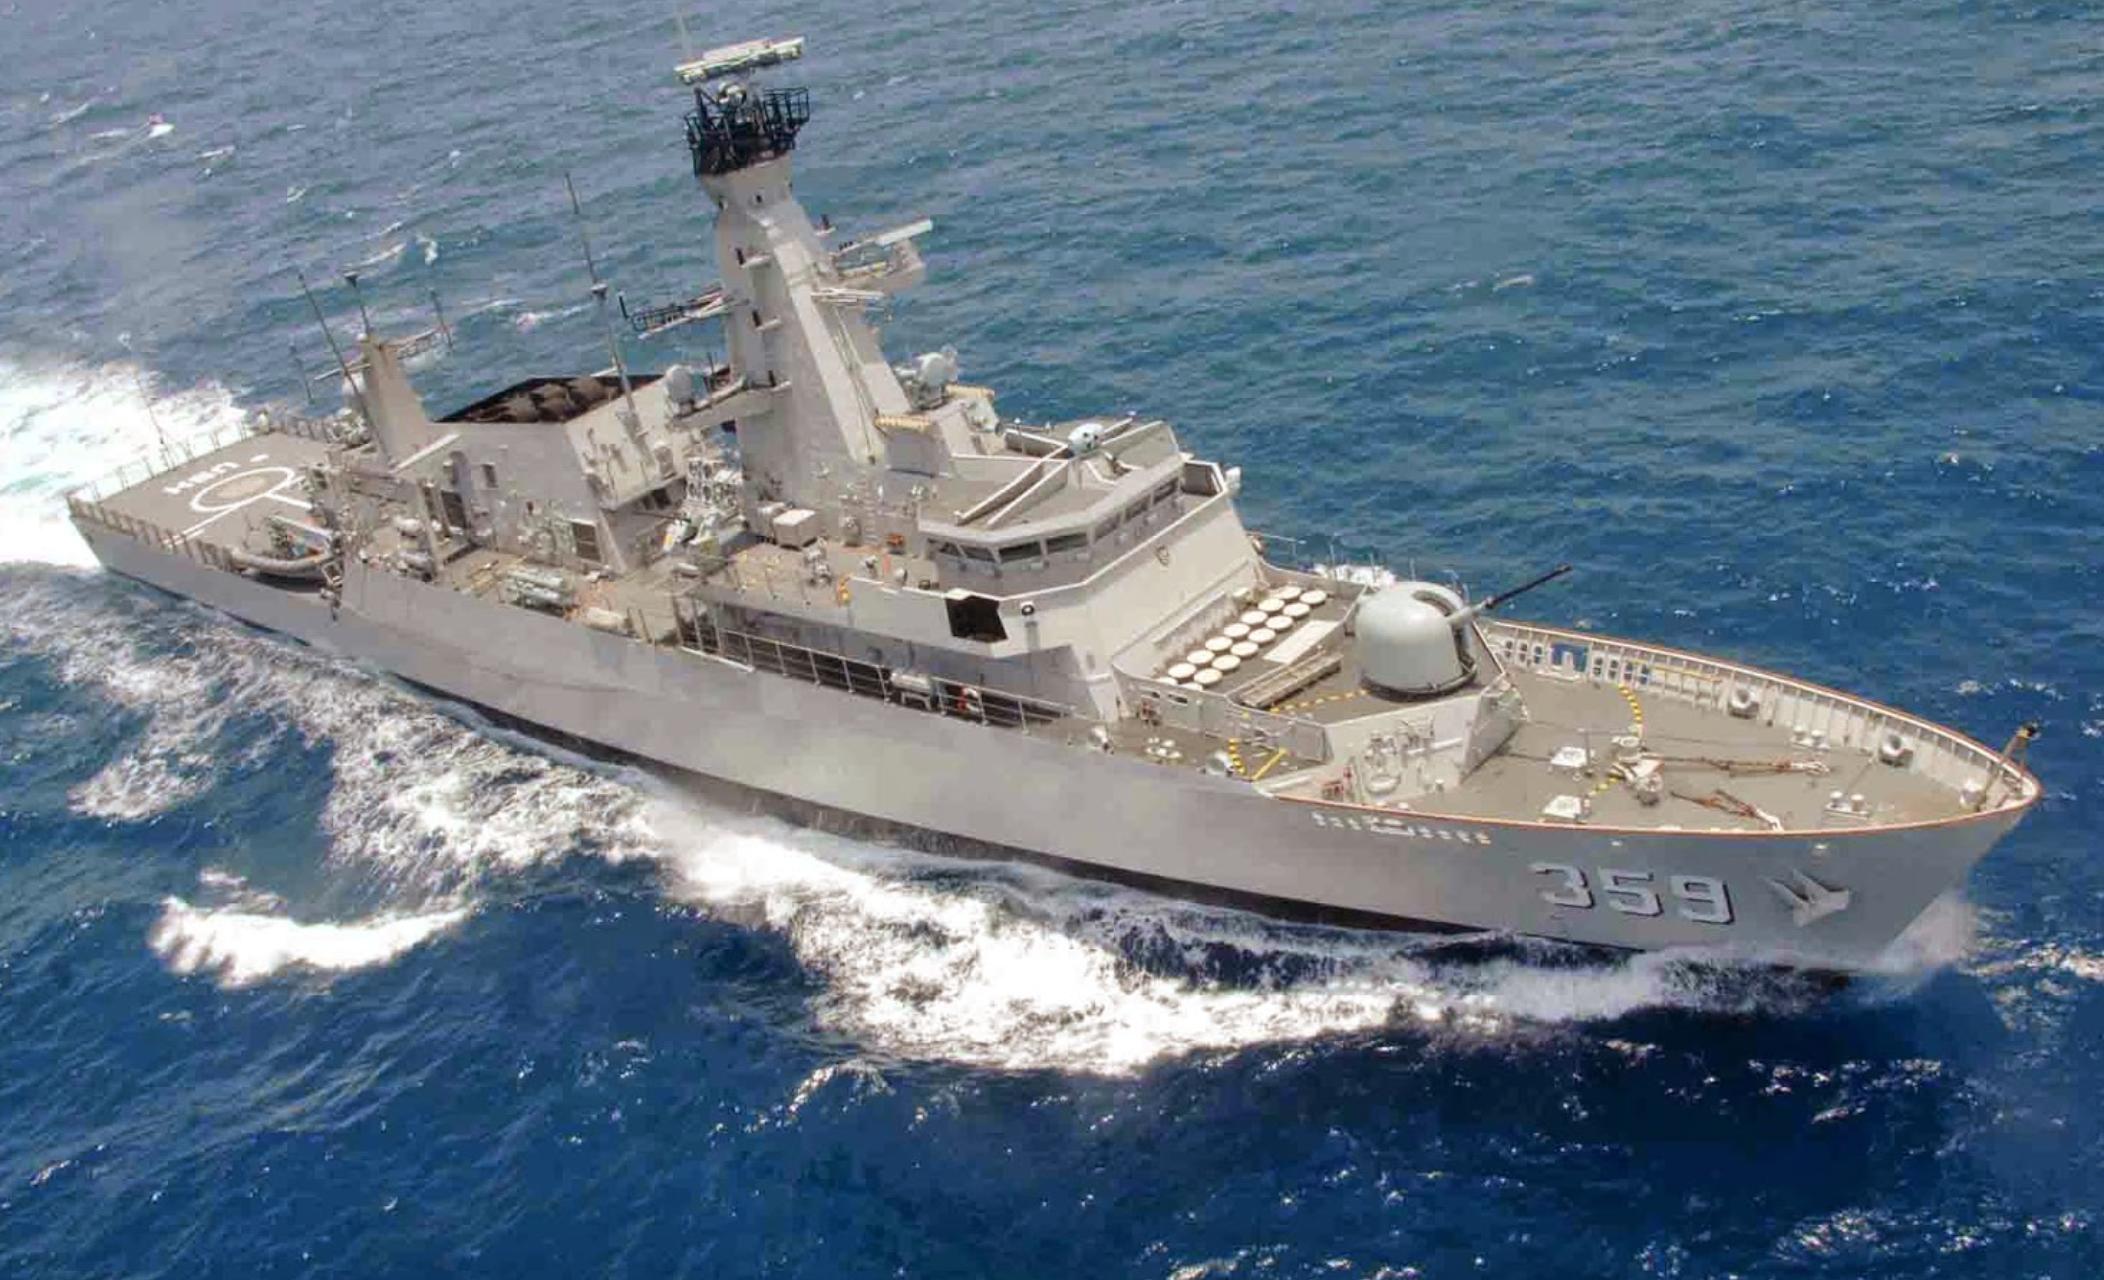 KRI Usman-Harun -359 Latihan dengan Kapal Jerman di Laut Mediterania